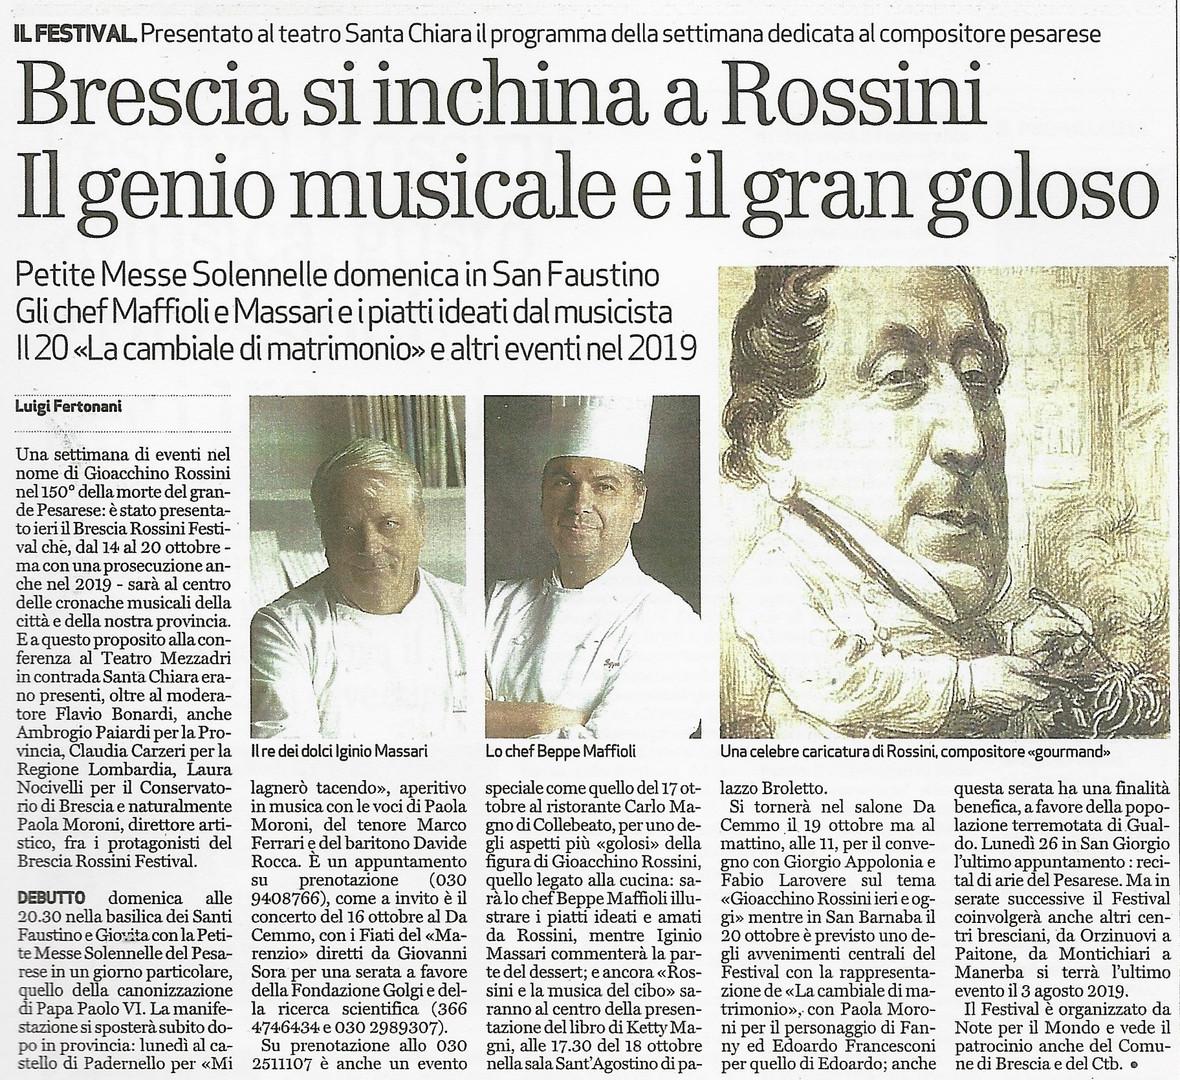 11 ottobre 2018 Brescia Oggi.jpg